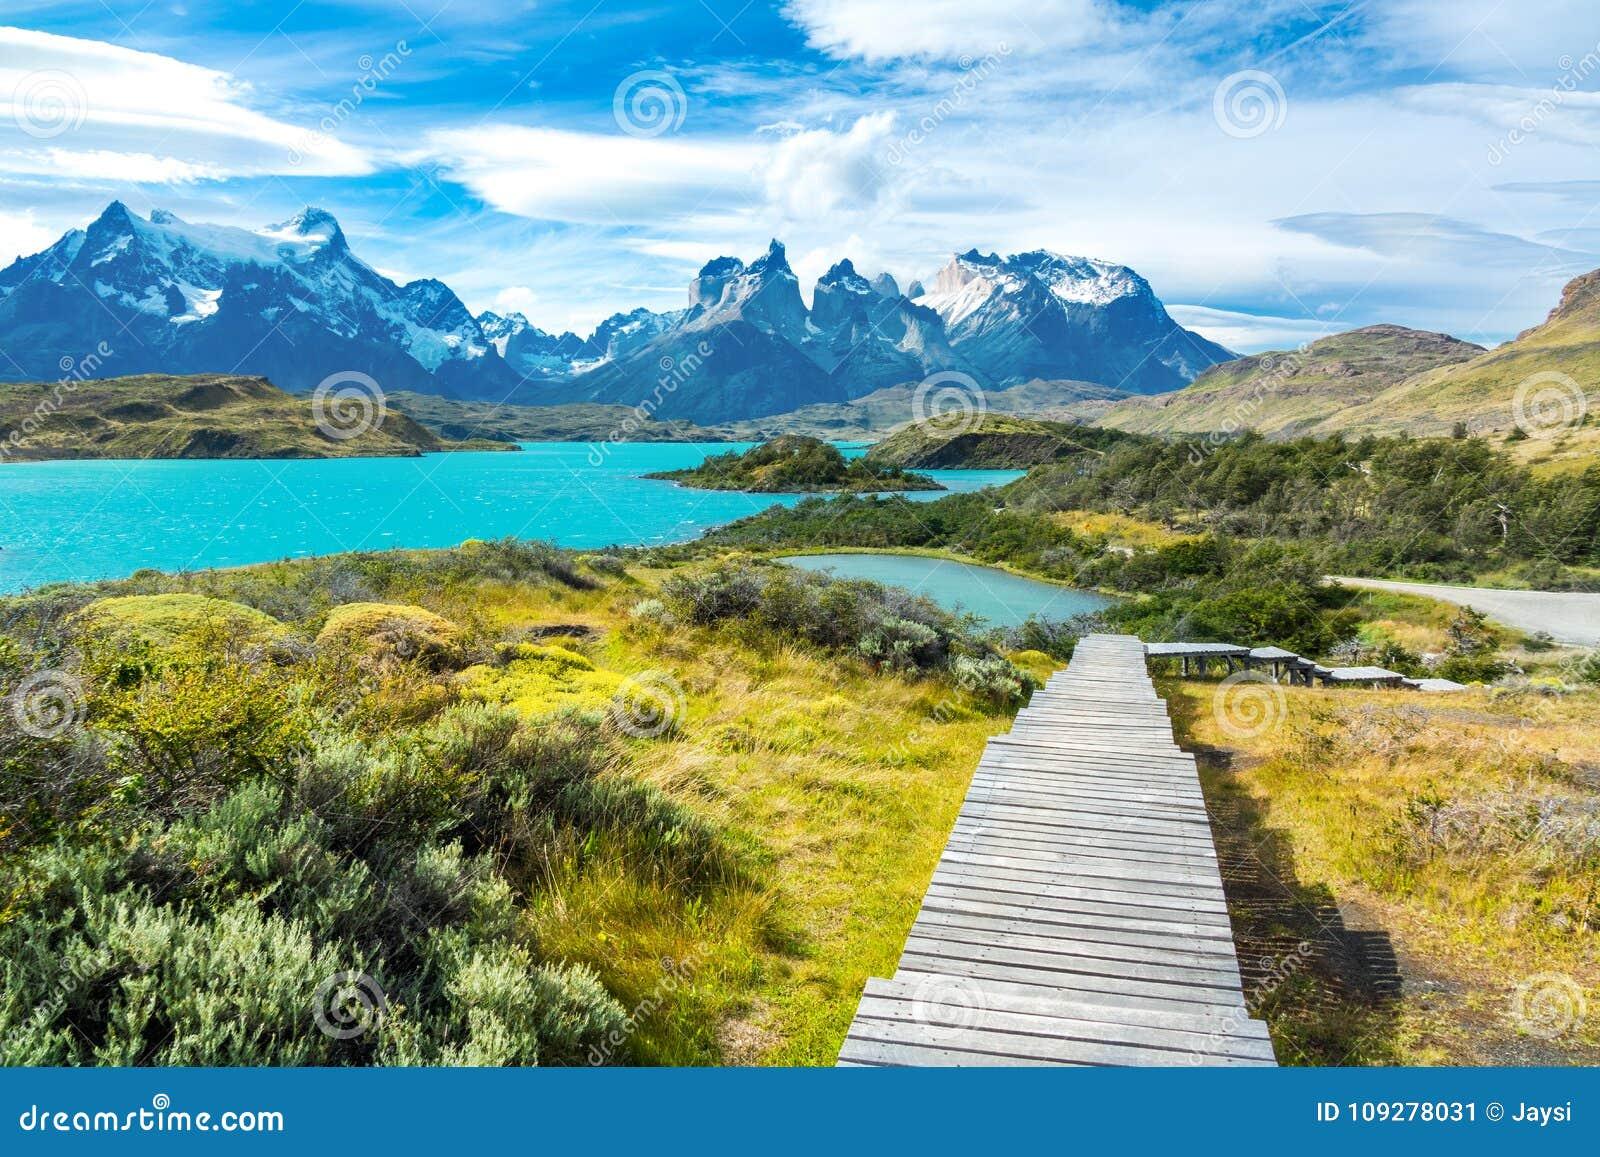 Pehoe See und Guernos-Berge gestalten, Nationalpark Torres Del Paine, Patagonia, Chile, Südamerika landschaftlich